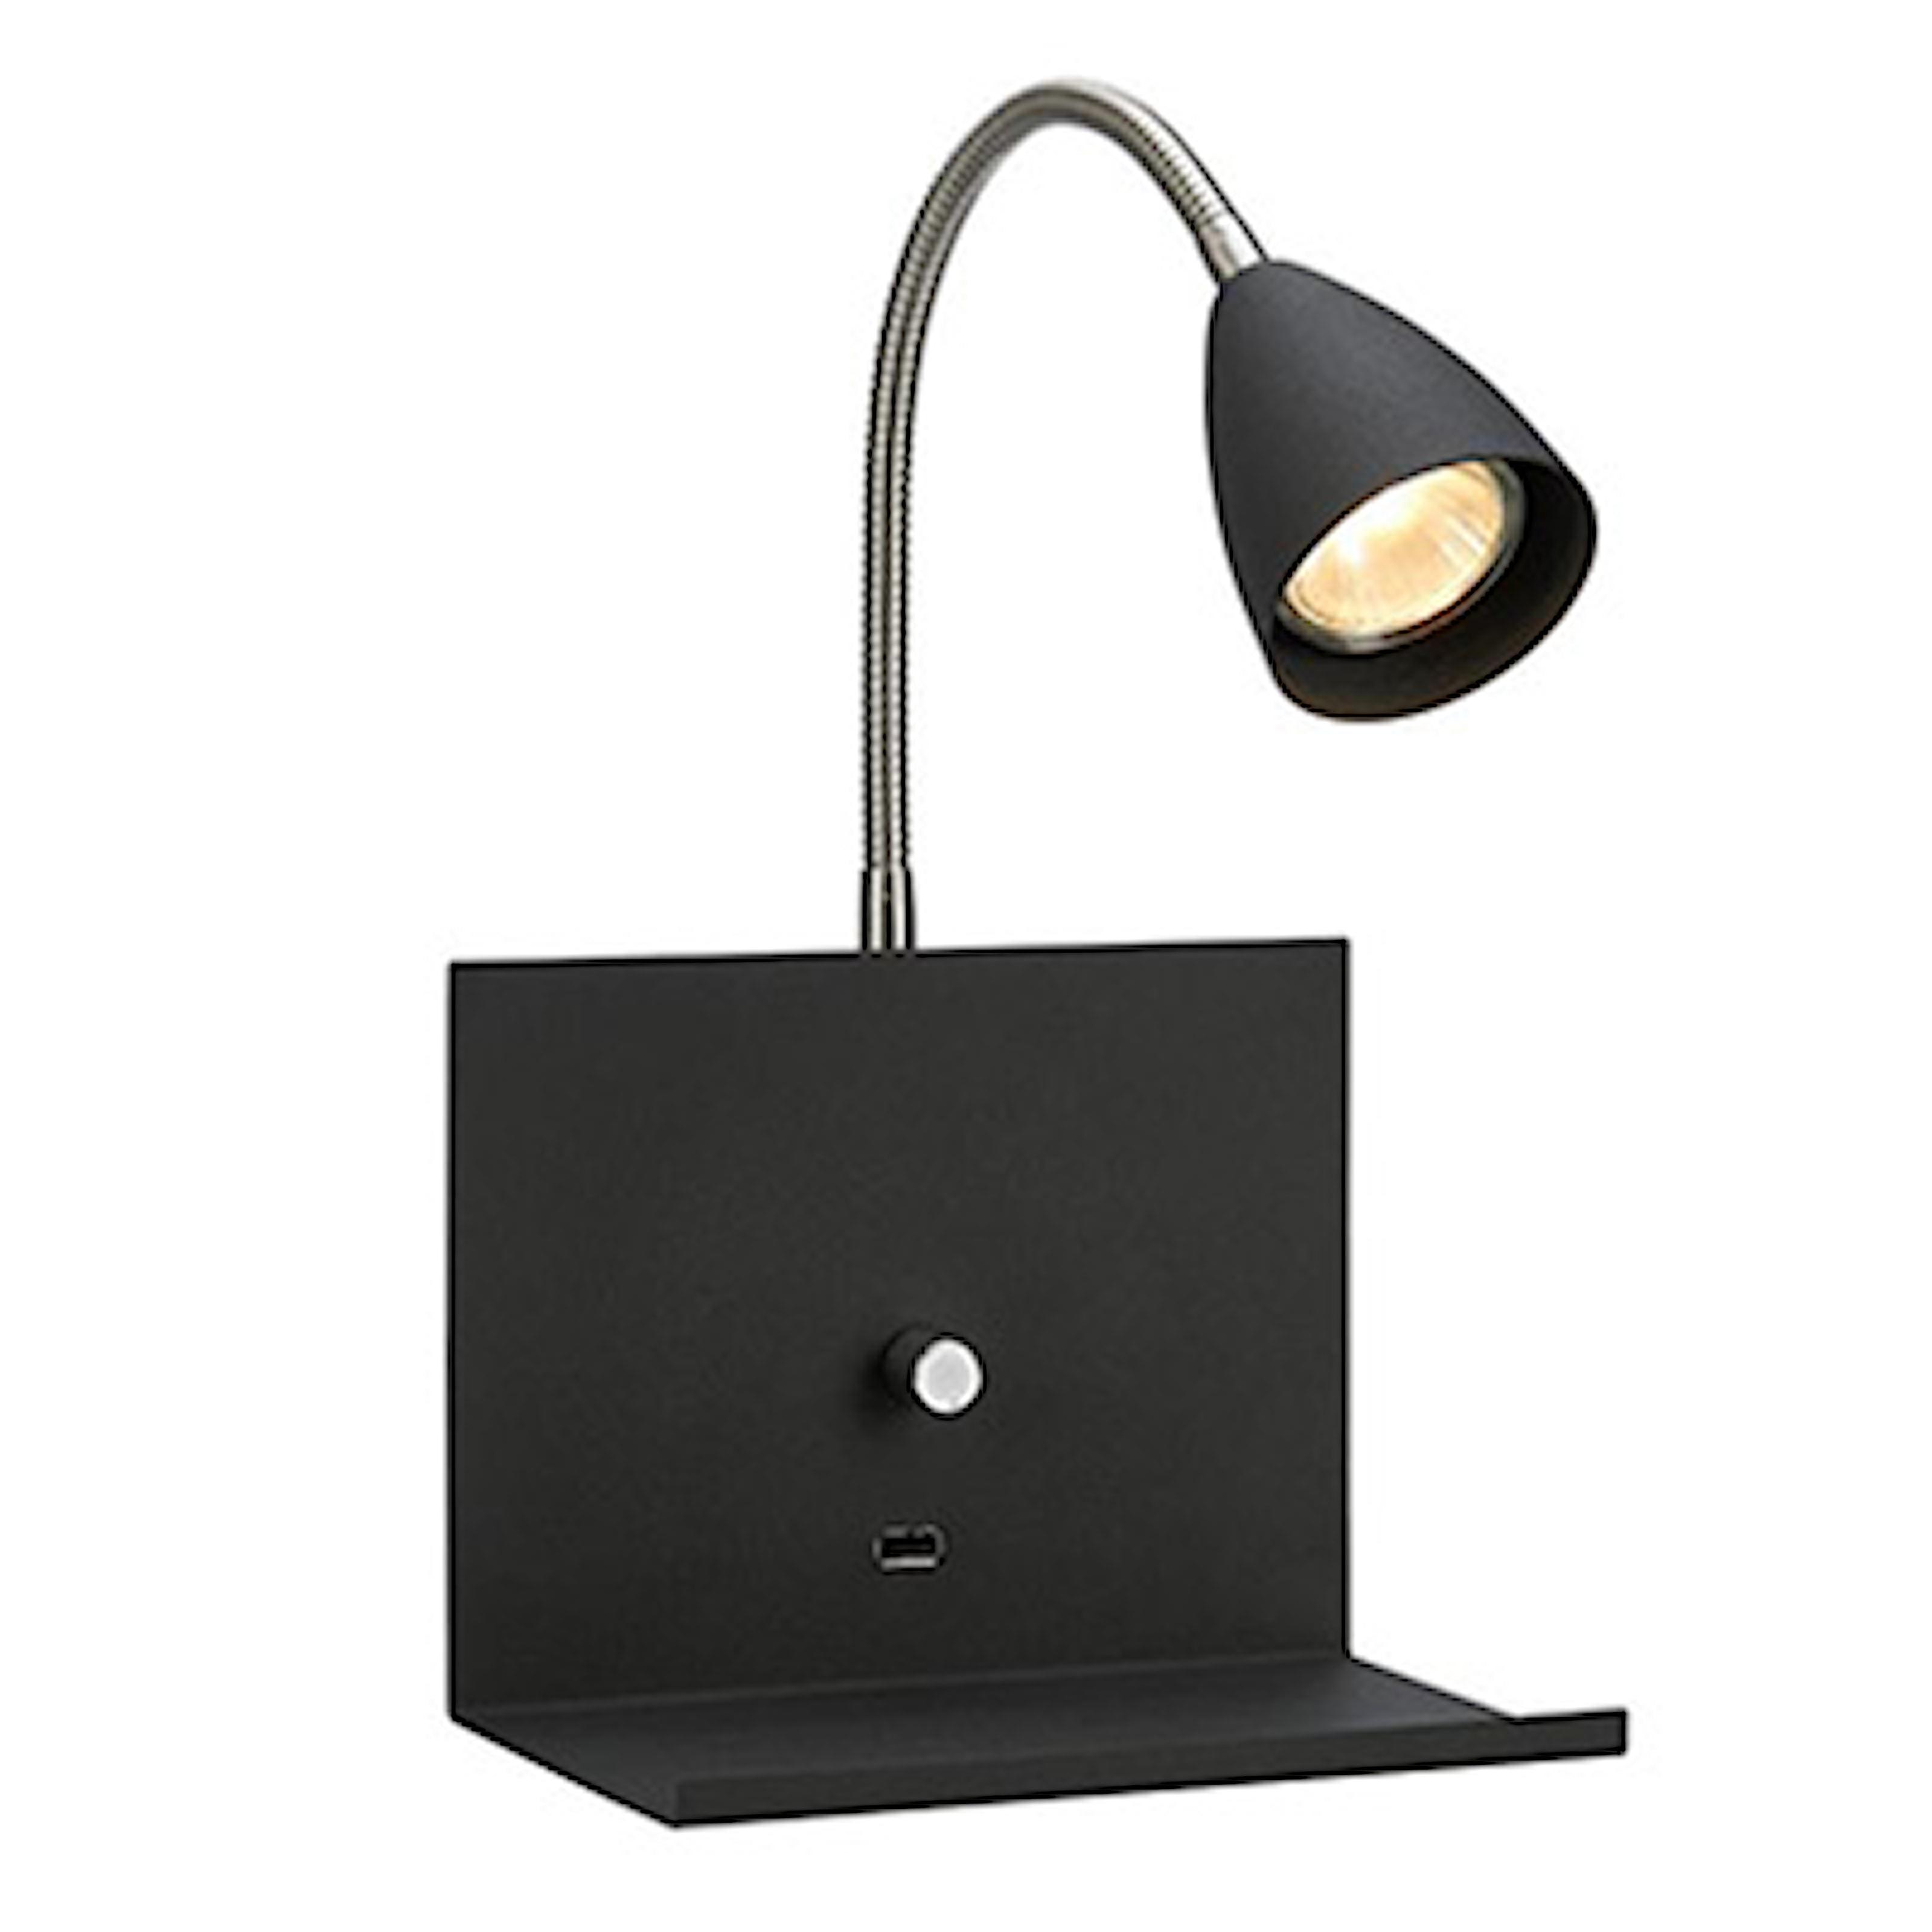 Svart, Wall lamp Logi from Markslöjd, 2 colors, Smart vägglampa från Markslöjd, ,